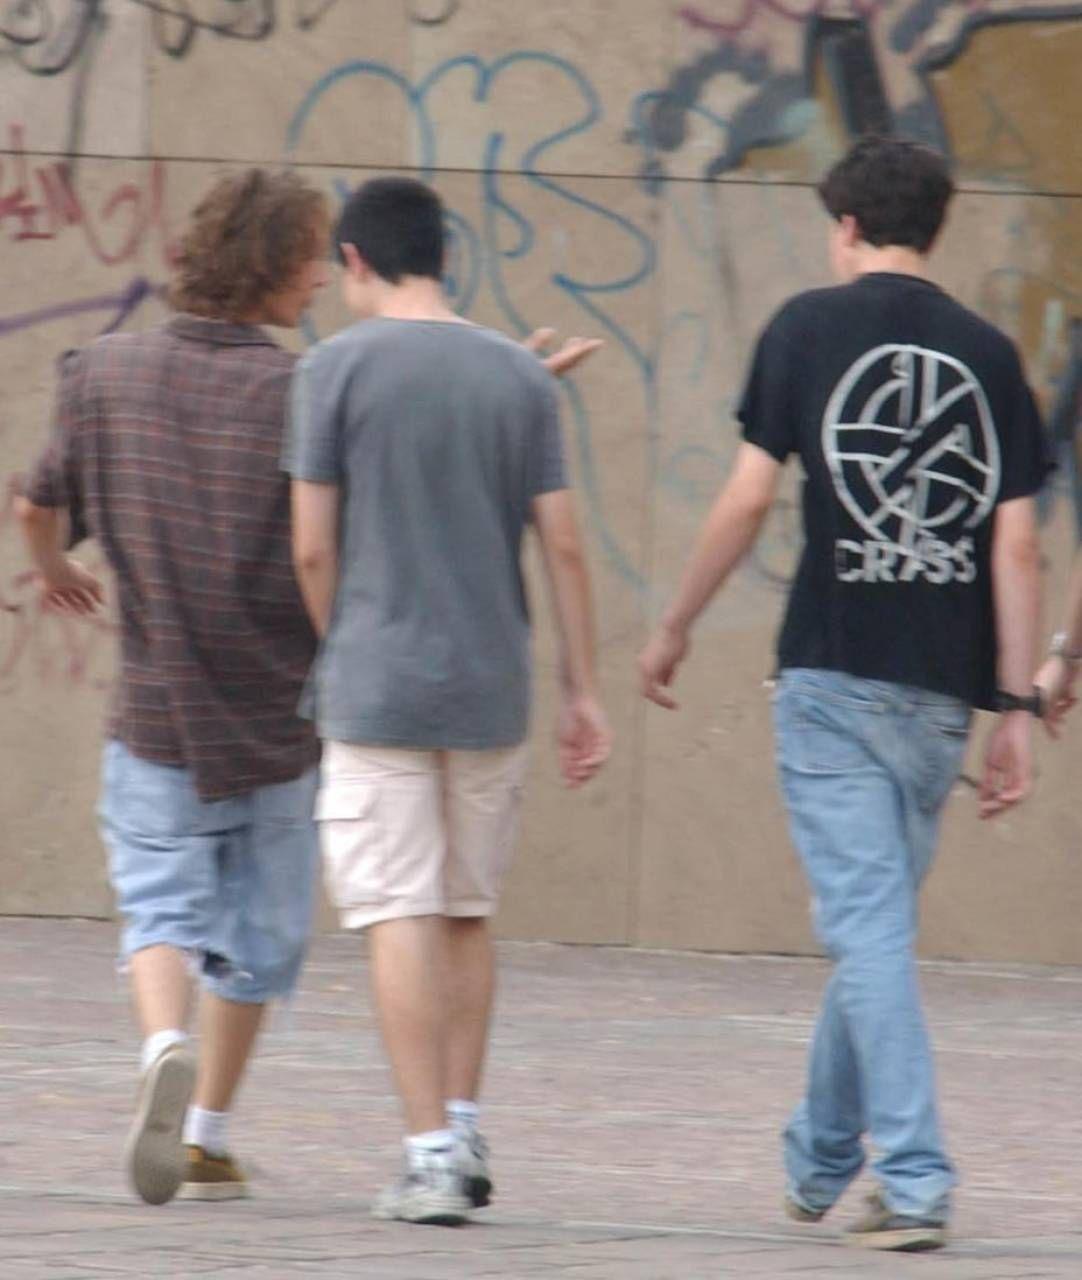 Salgono le proteste in centro per il comportamento dei ragazzi (foto d'archivio)